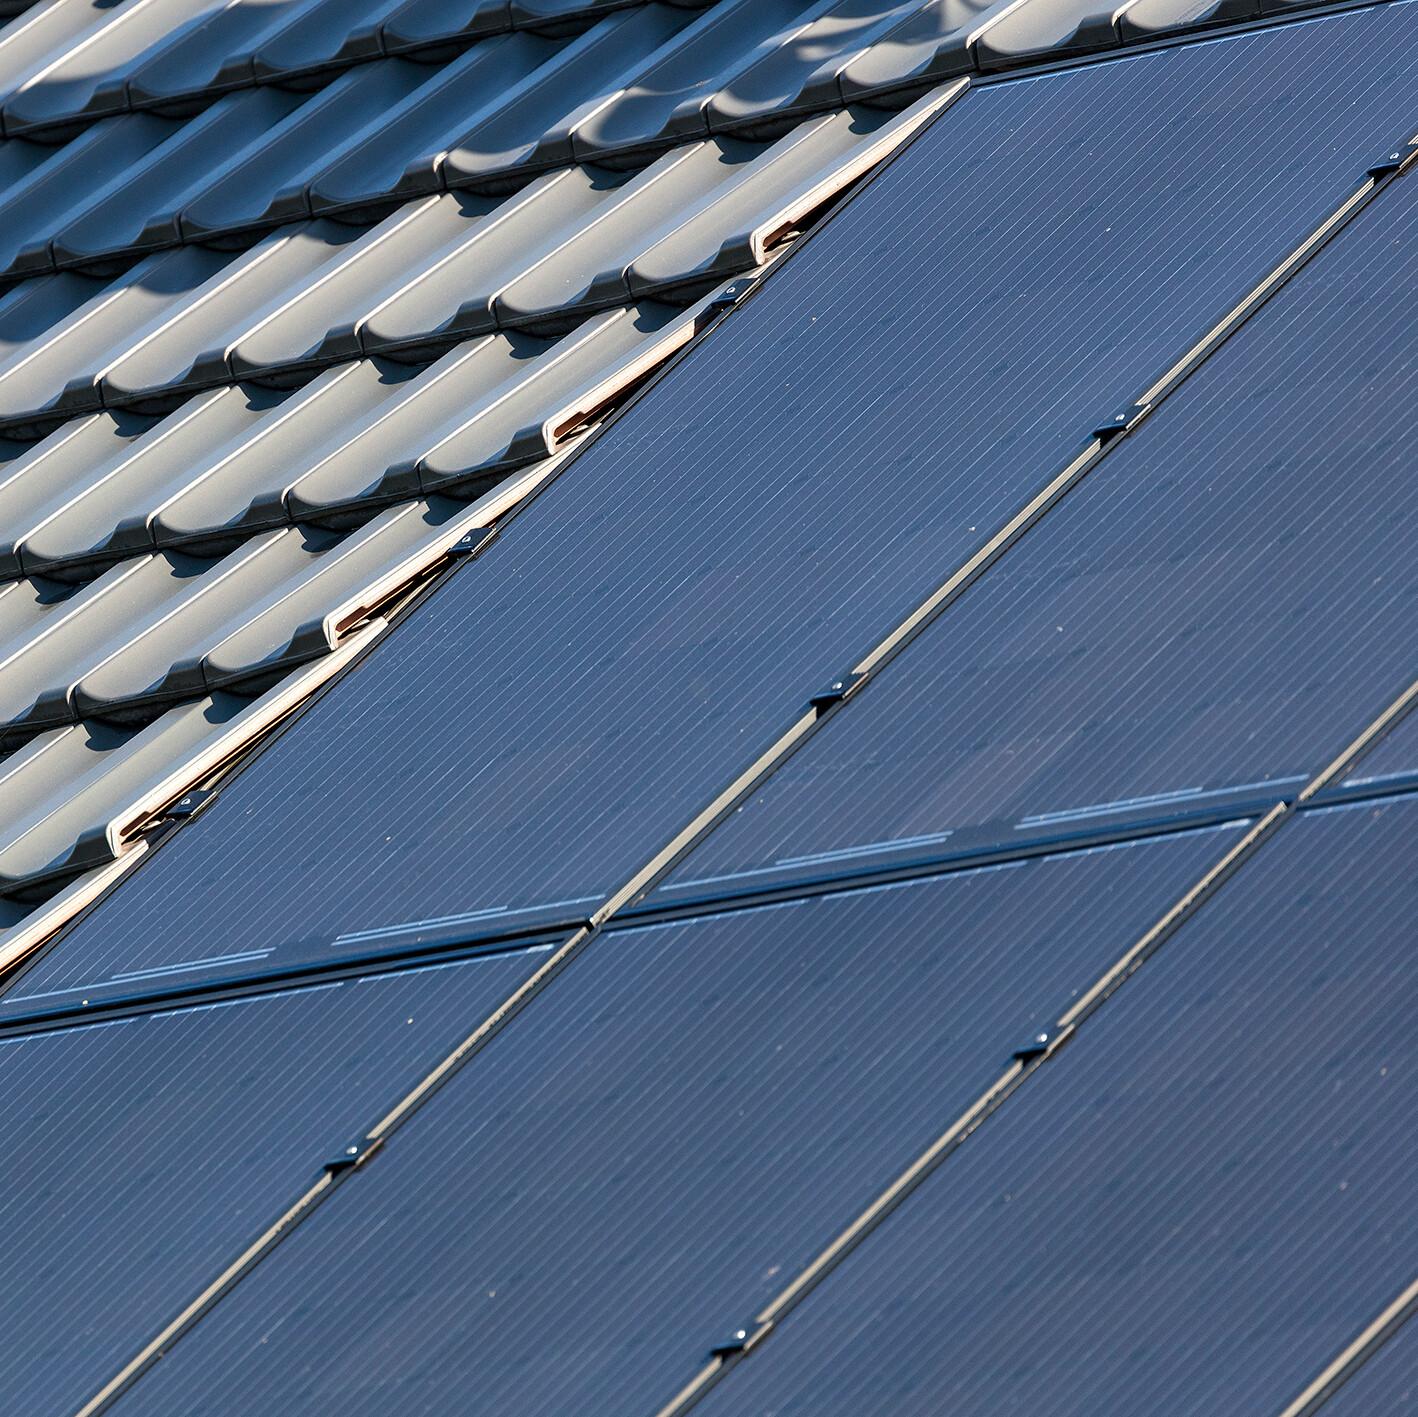 Die neue Creaton Photovoltaik-Anlage ist komplett in das Dach integrierbar. Foto: Creaton GmbH